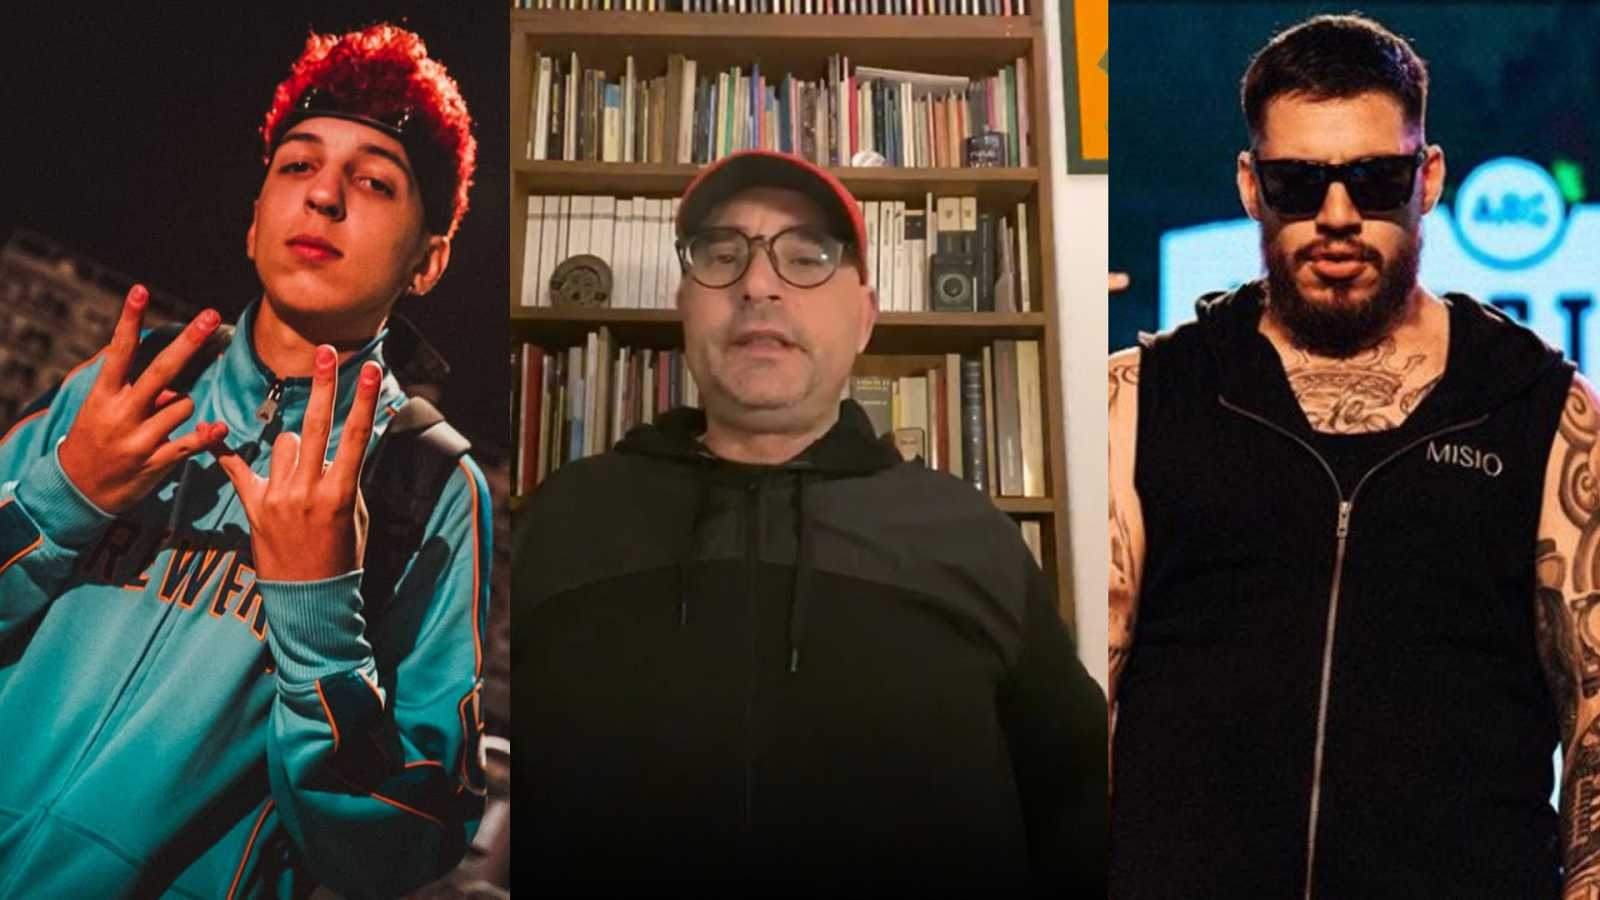 Infrainch crea la primera escuela de rap profesional de la historia presentándola junto a Mecha y Misionero.